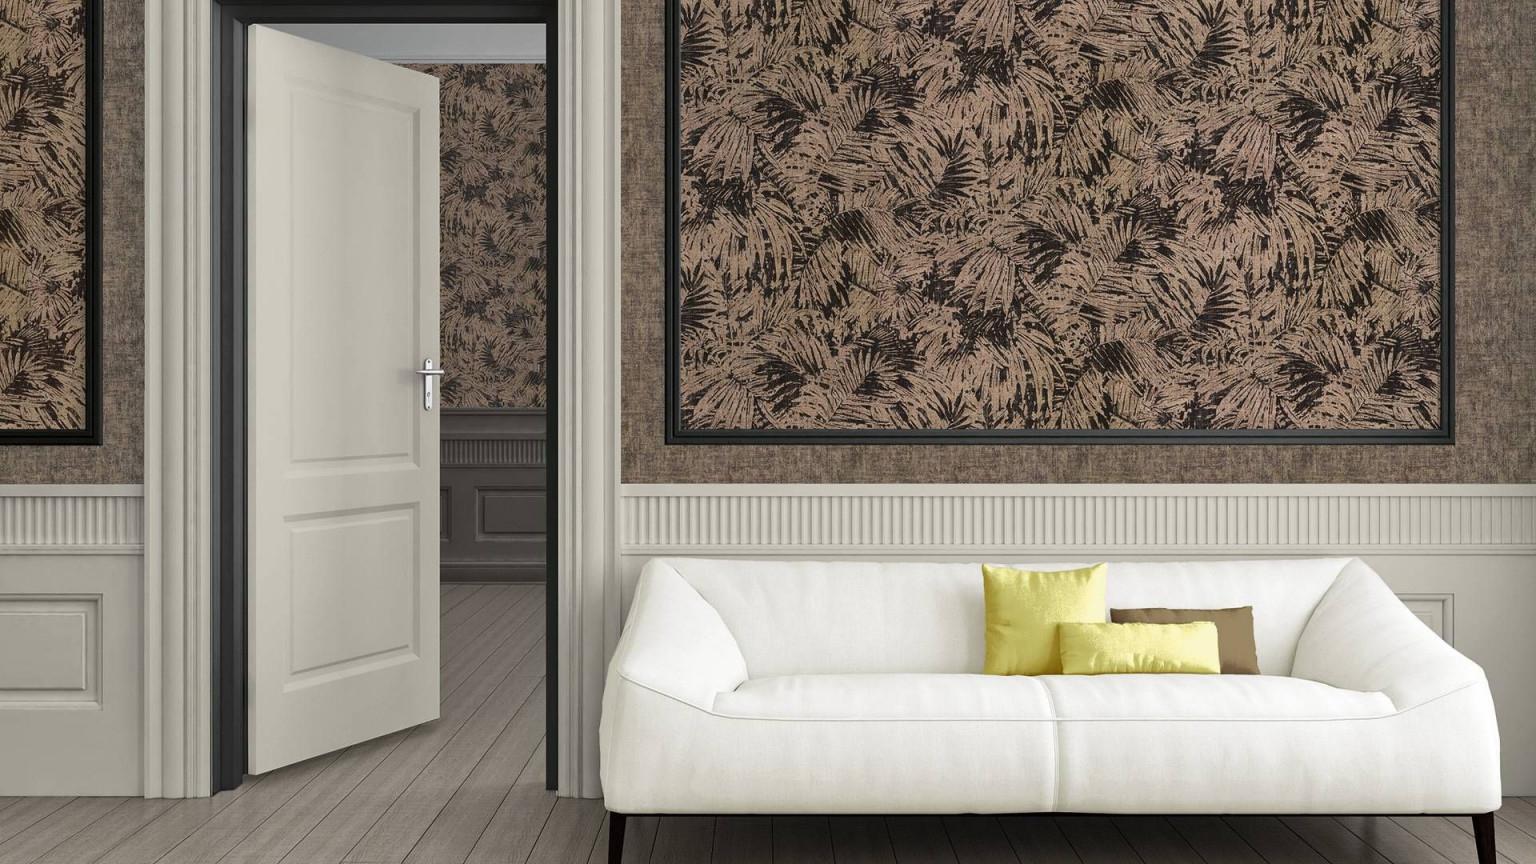 11 Fantastisch Tapeten Trends 2019 Wohnzimmer Für von Tapeten Fürs Wohnzimmer Bild